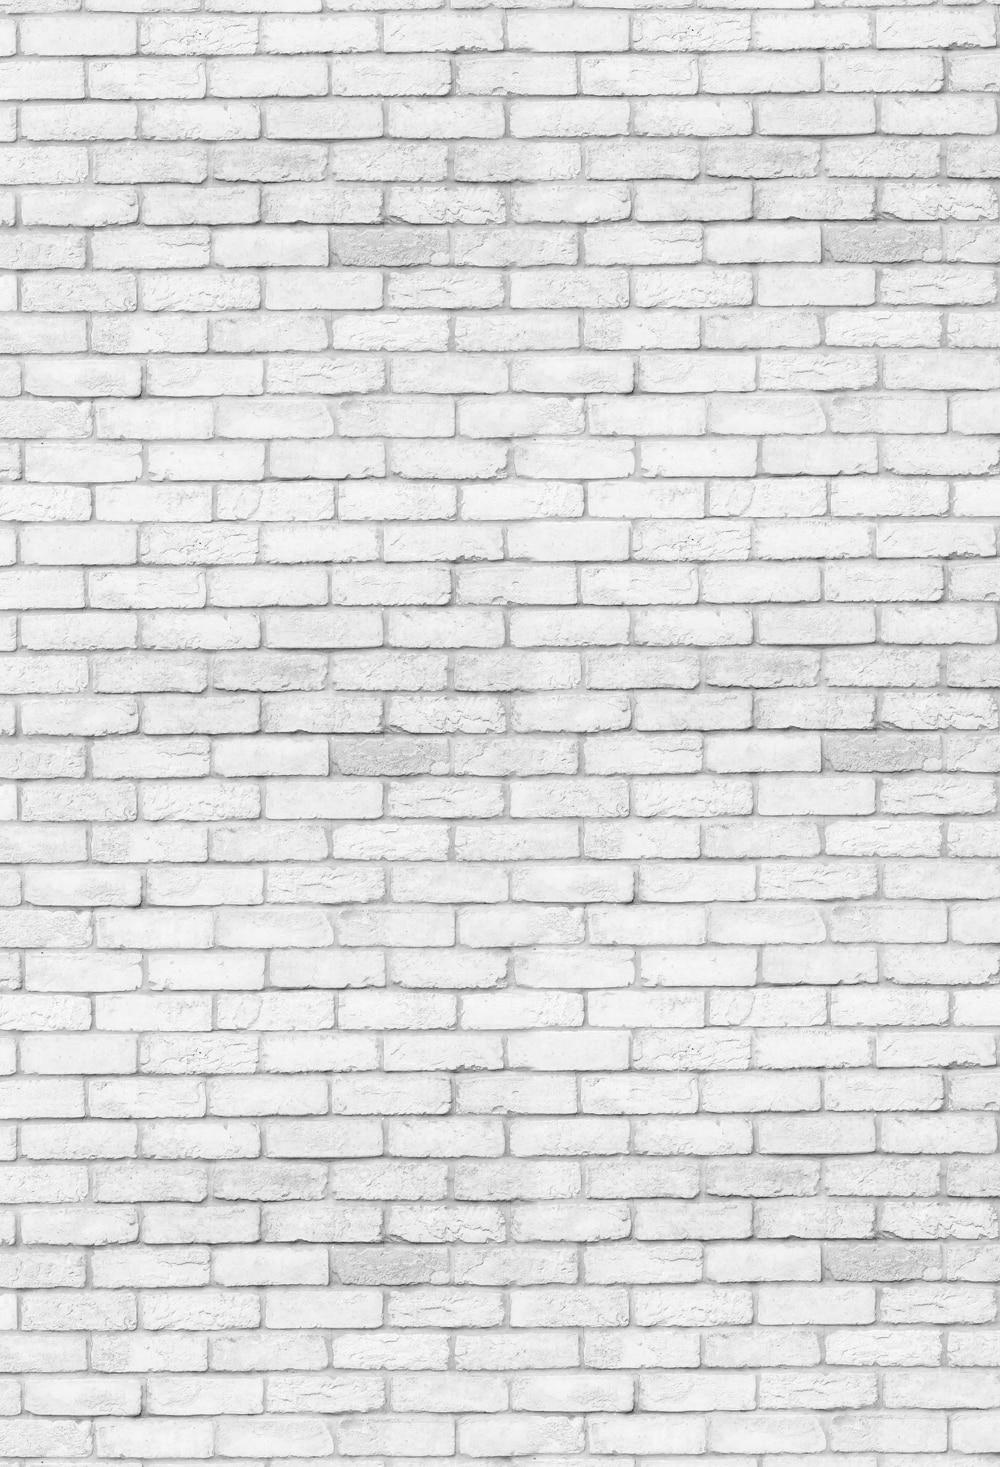 HUAYI White Stone Wall Backdrop Newborns Photo Background Vinyl Brick Wall Photography Background Props brick paper XT-6695 huayi 3x6m seamless brick wall wood floor backdrop photography backdrops photo background vinyl backdrop brick paper xt 6400